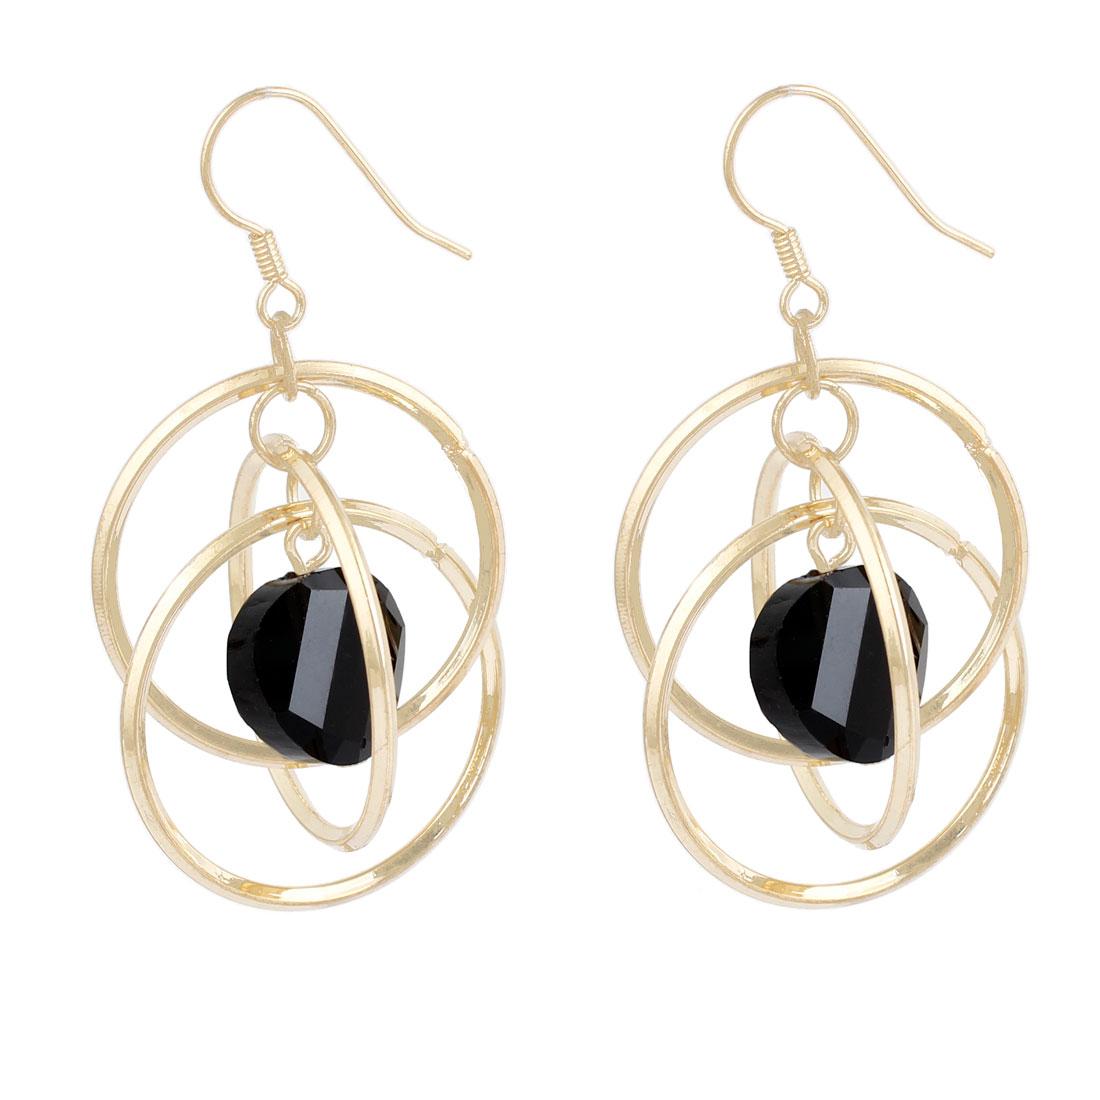 Black Bead Three Gold Tone Circles Pendant Fish Hook Earrings Eardrop Pair